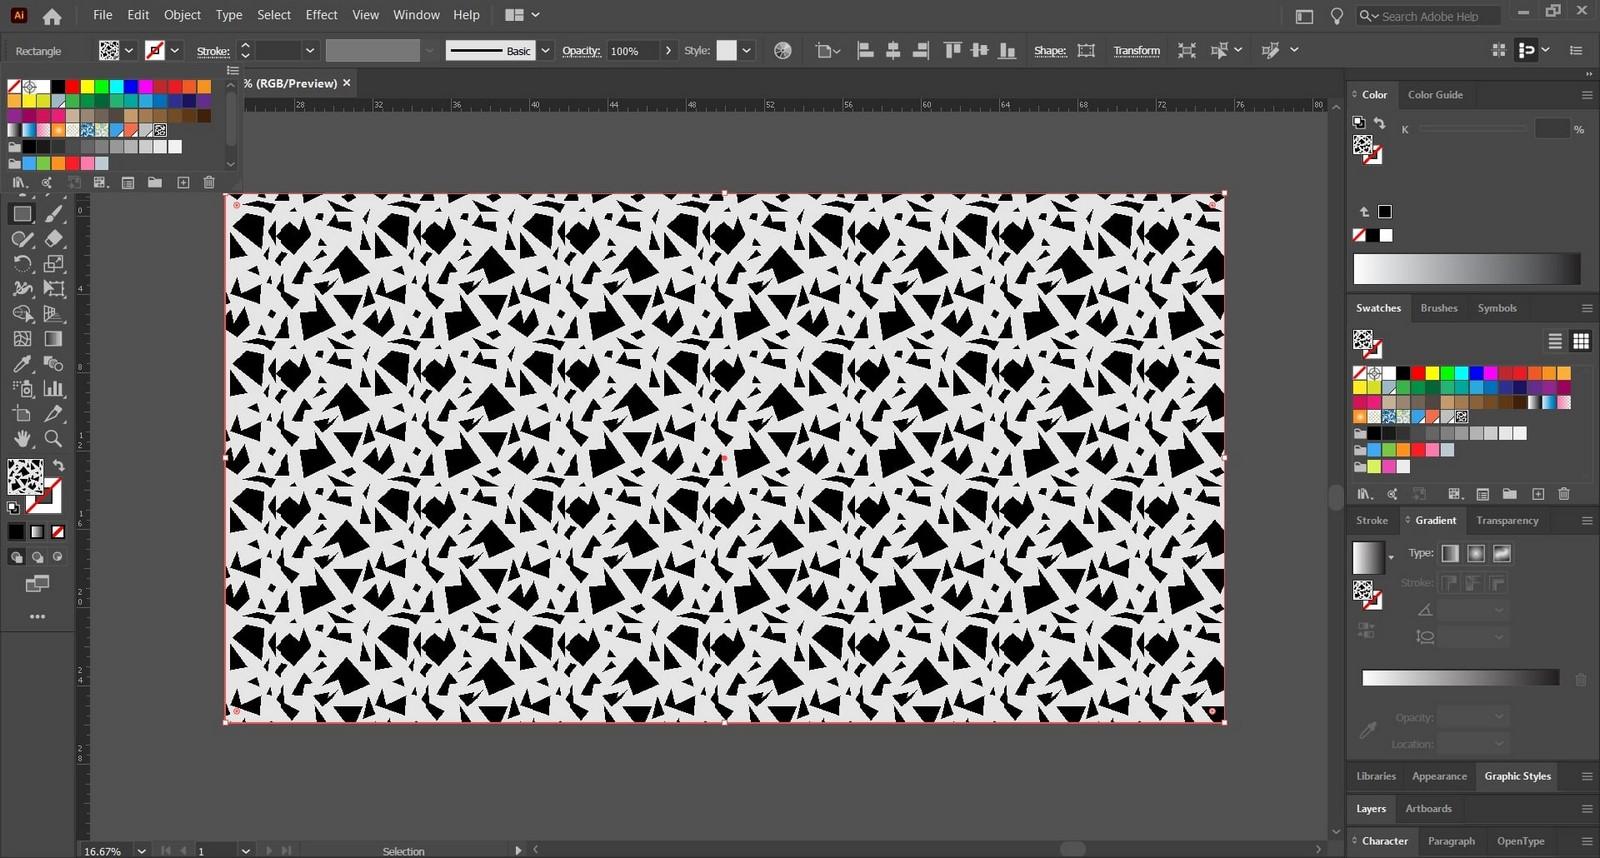 Making Seamless Patterns - Sheet6